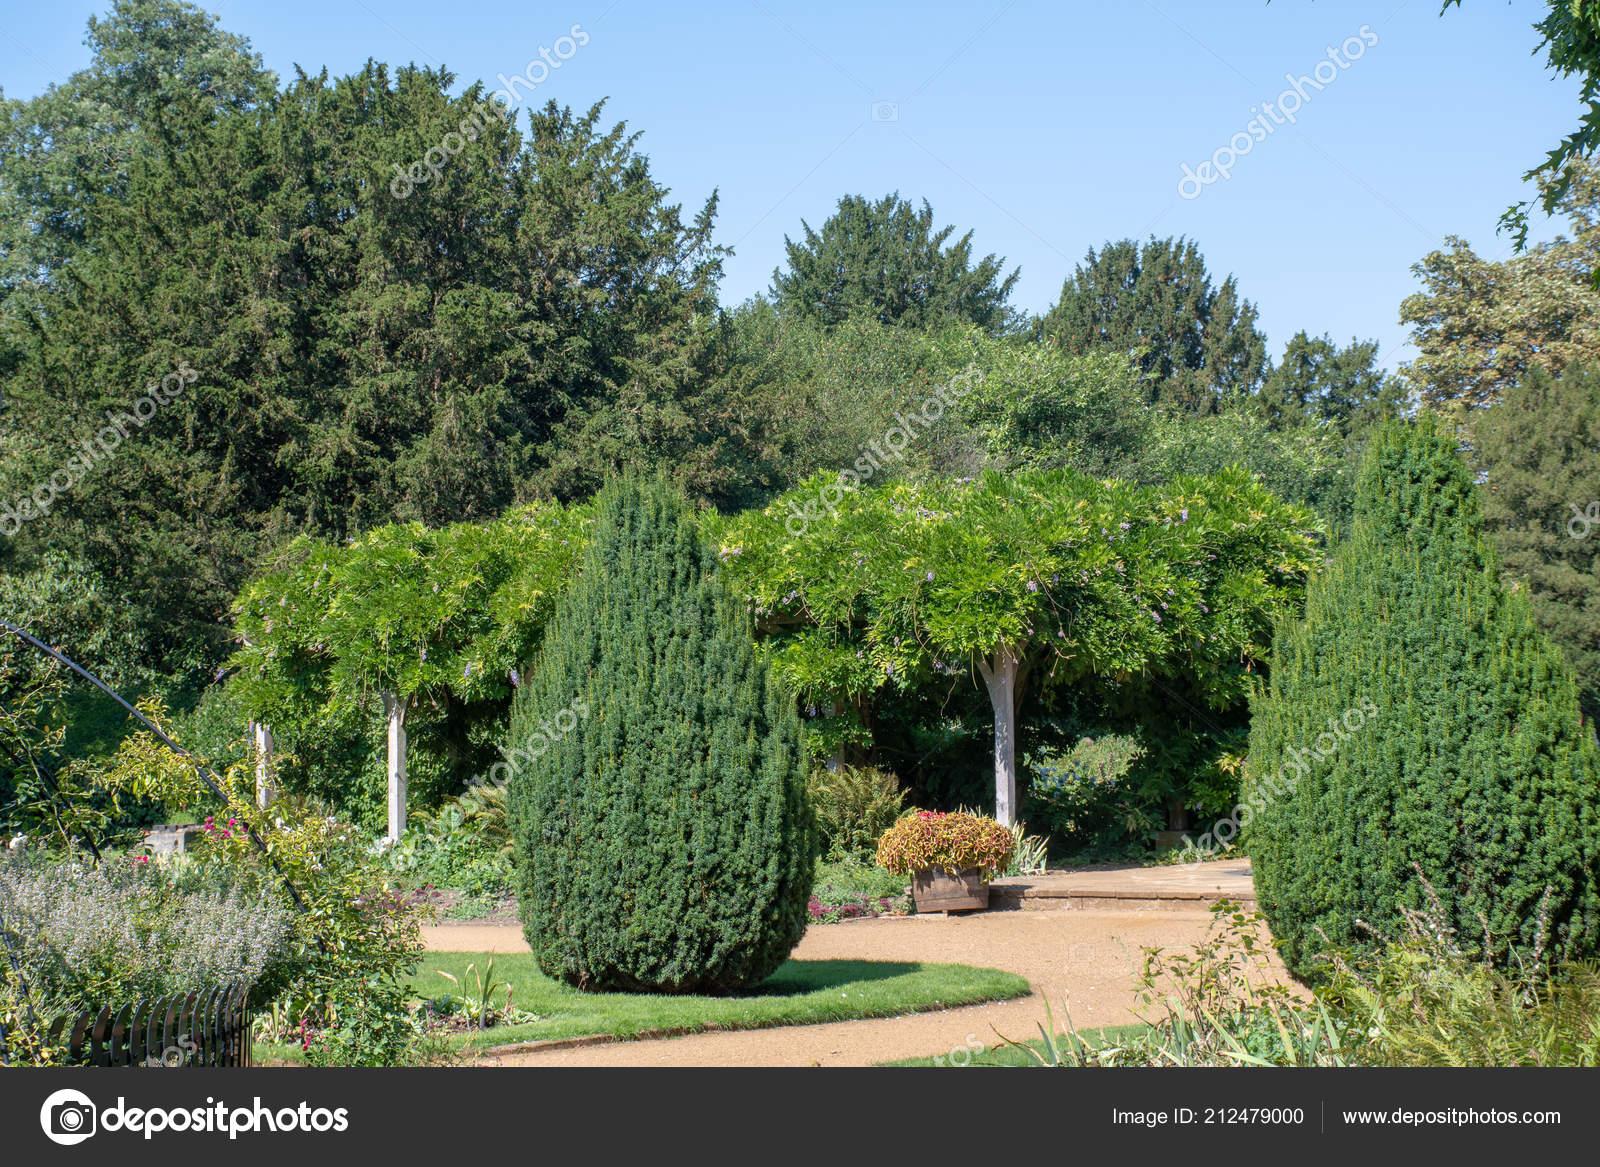 Traditioneller Englischer Garten Mit Laube Und Bäume Stockfoto